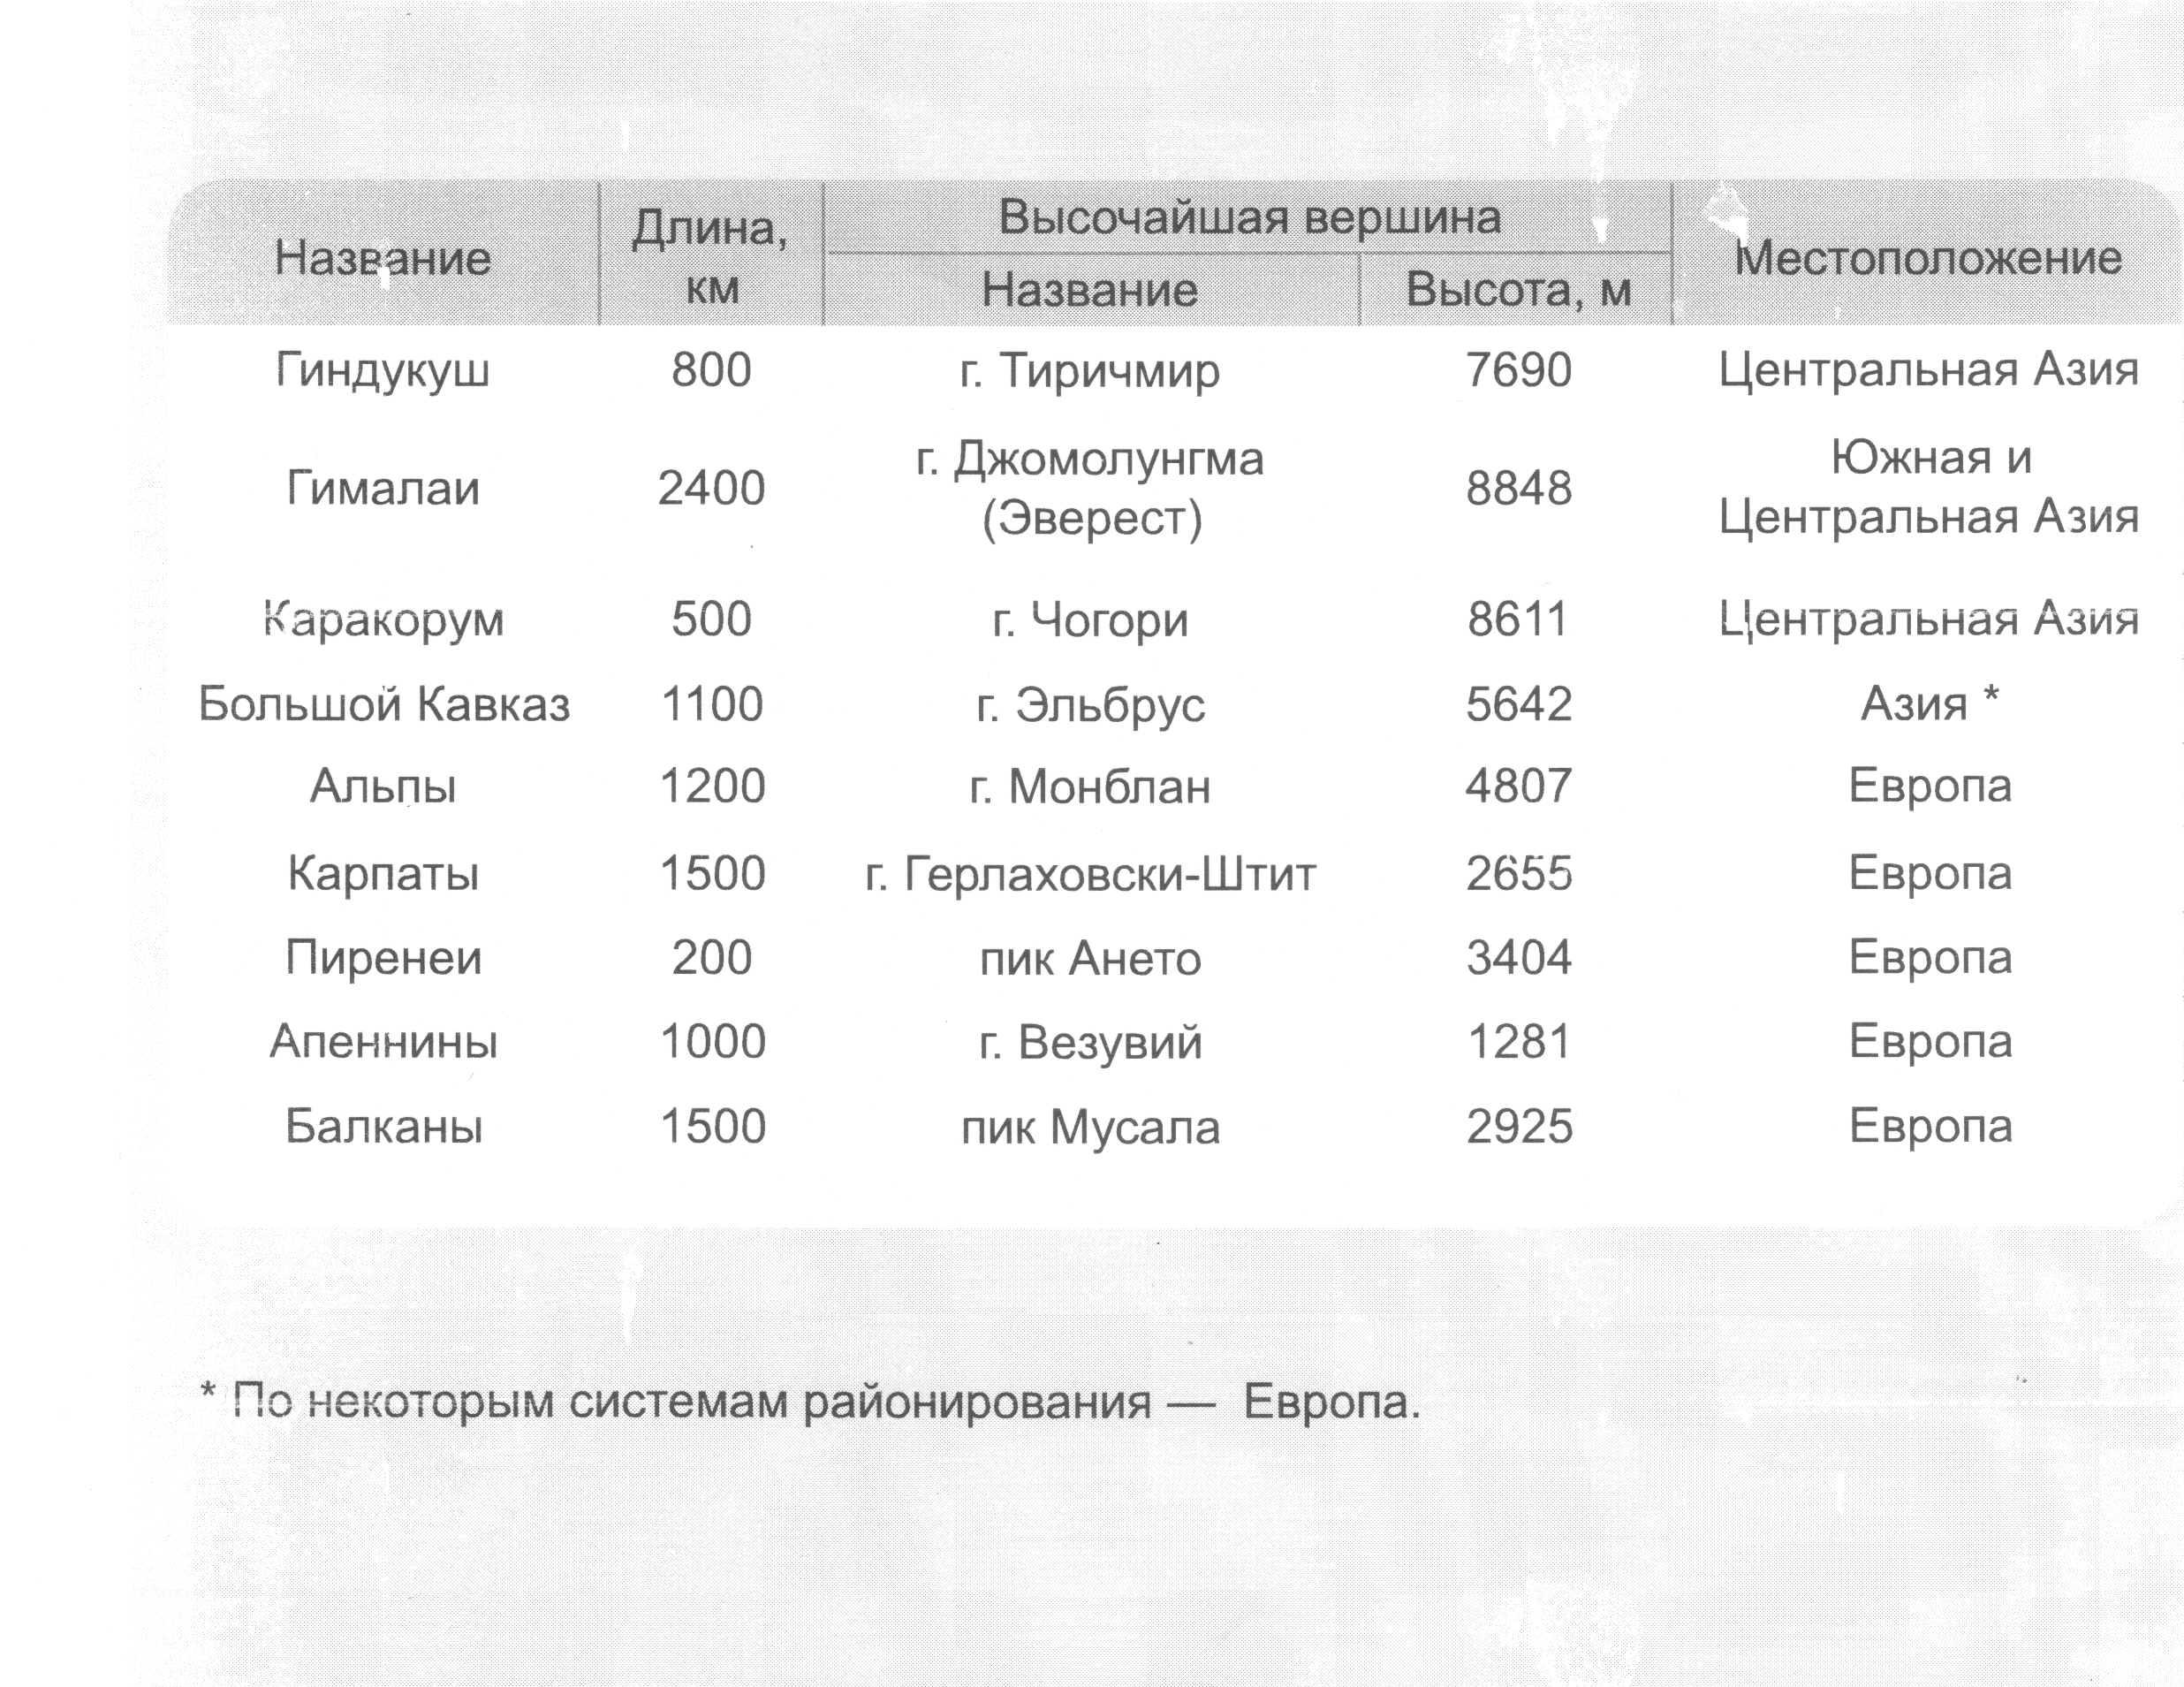 C:\Documents and Settings\User\Рабочий стол\Новая папка (11)\таблица горы_000.jpg